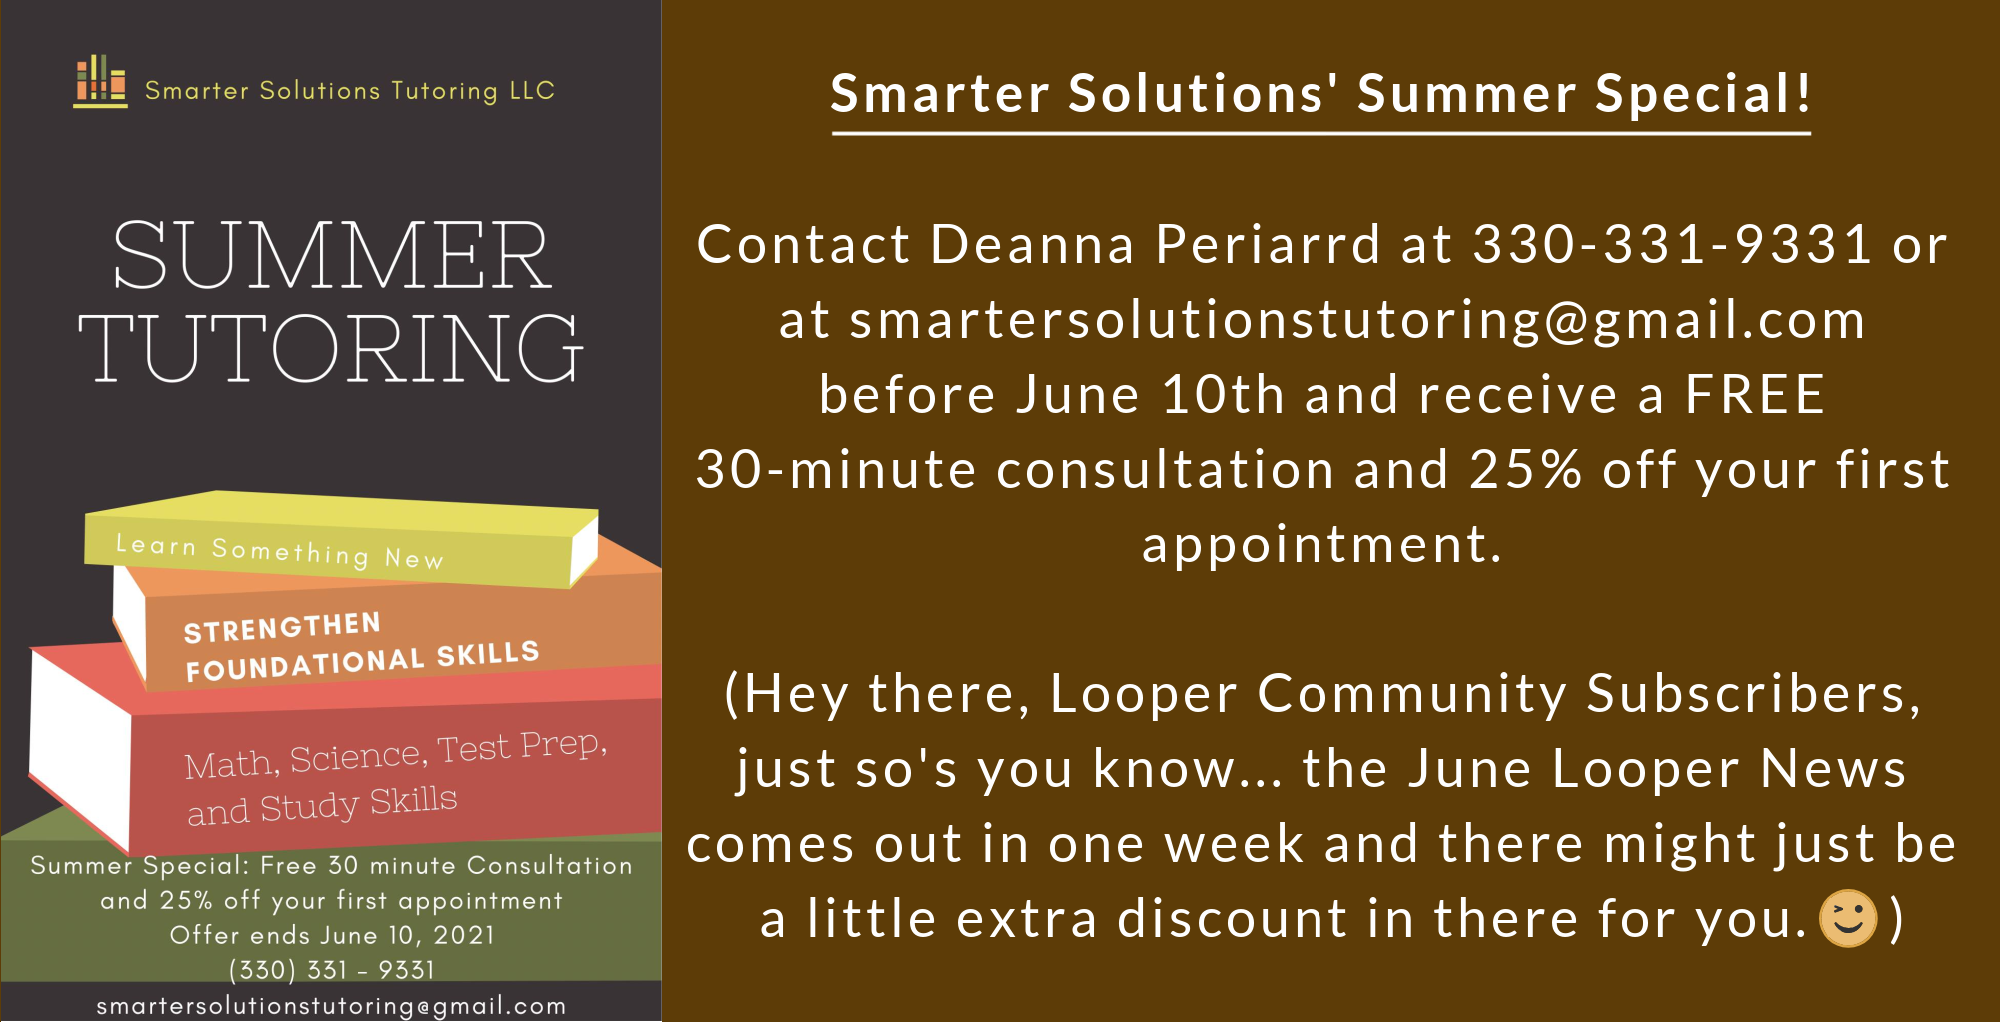 Smarter Solutions Tutoring Summer Special